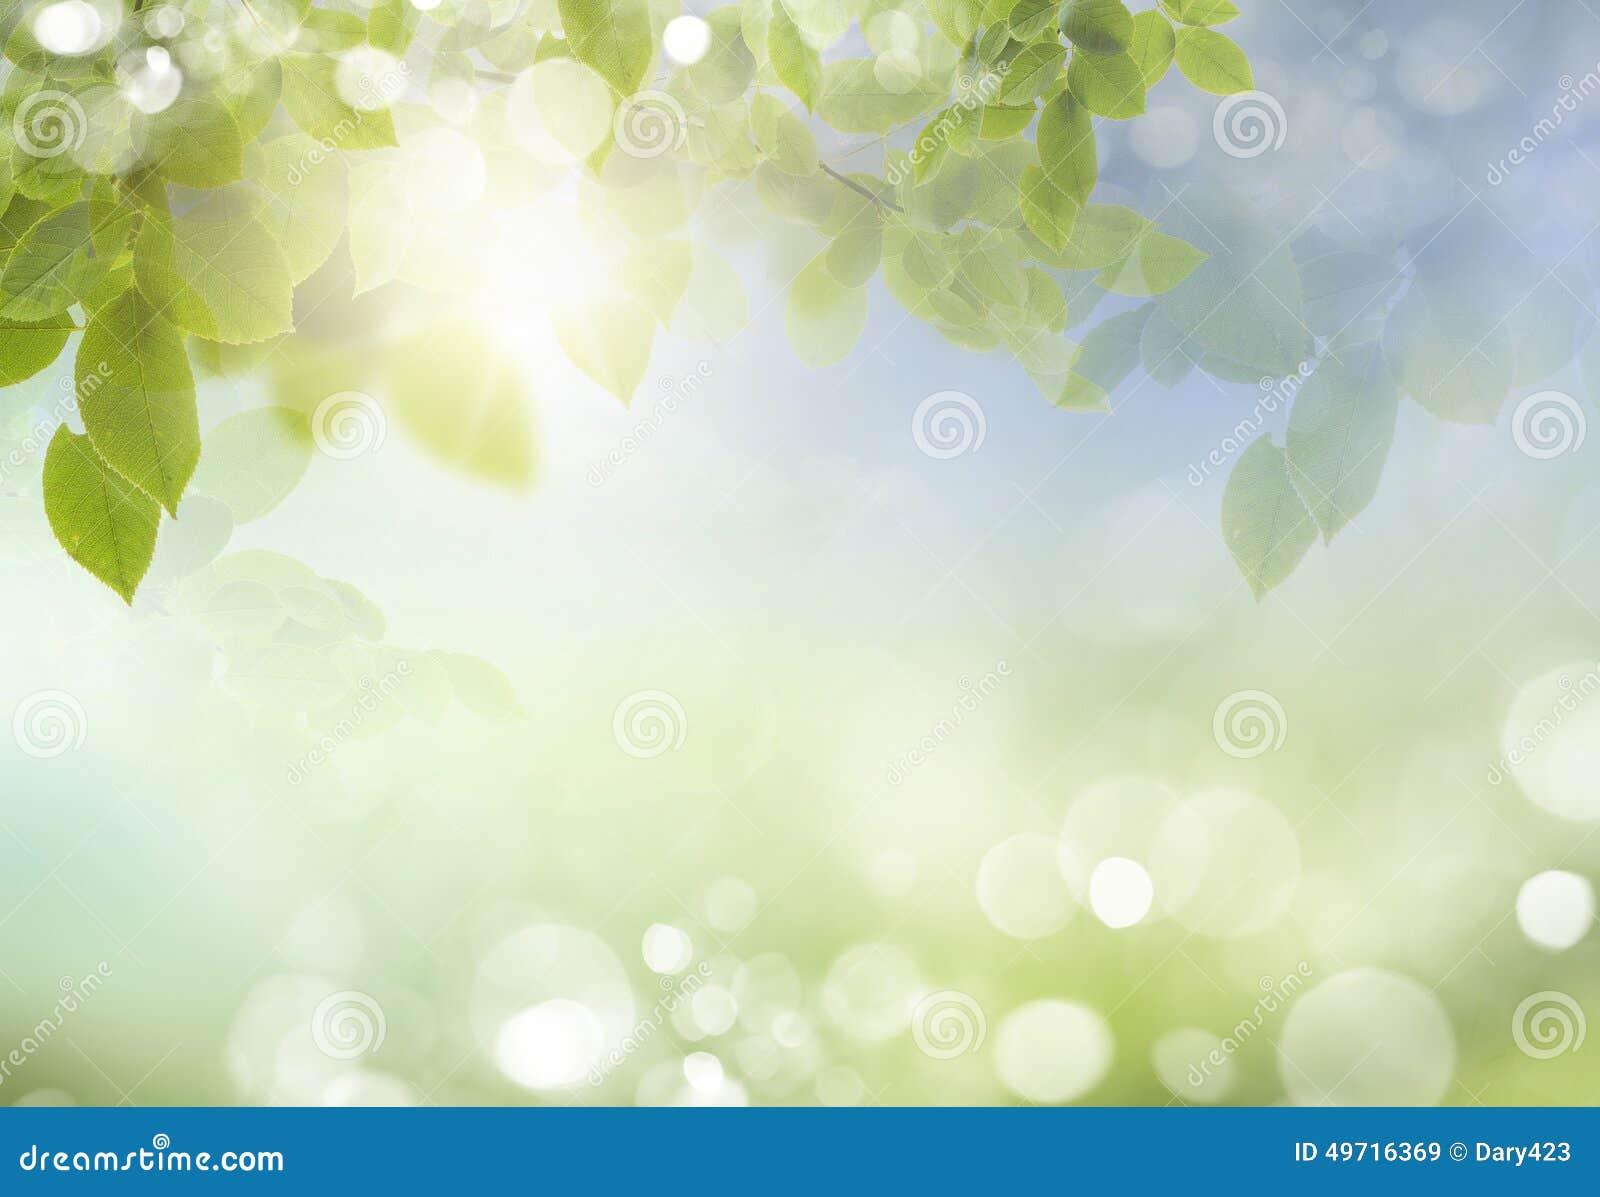 Fondo astratto della natura di stagione estiva o della primavera